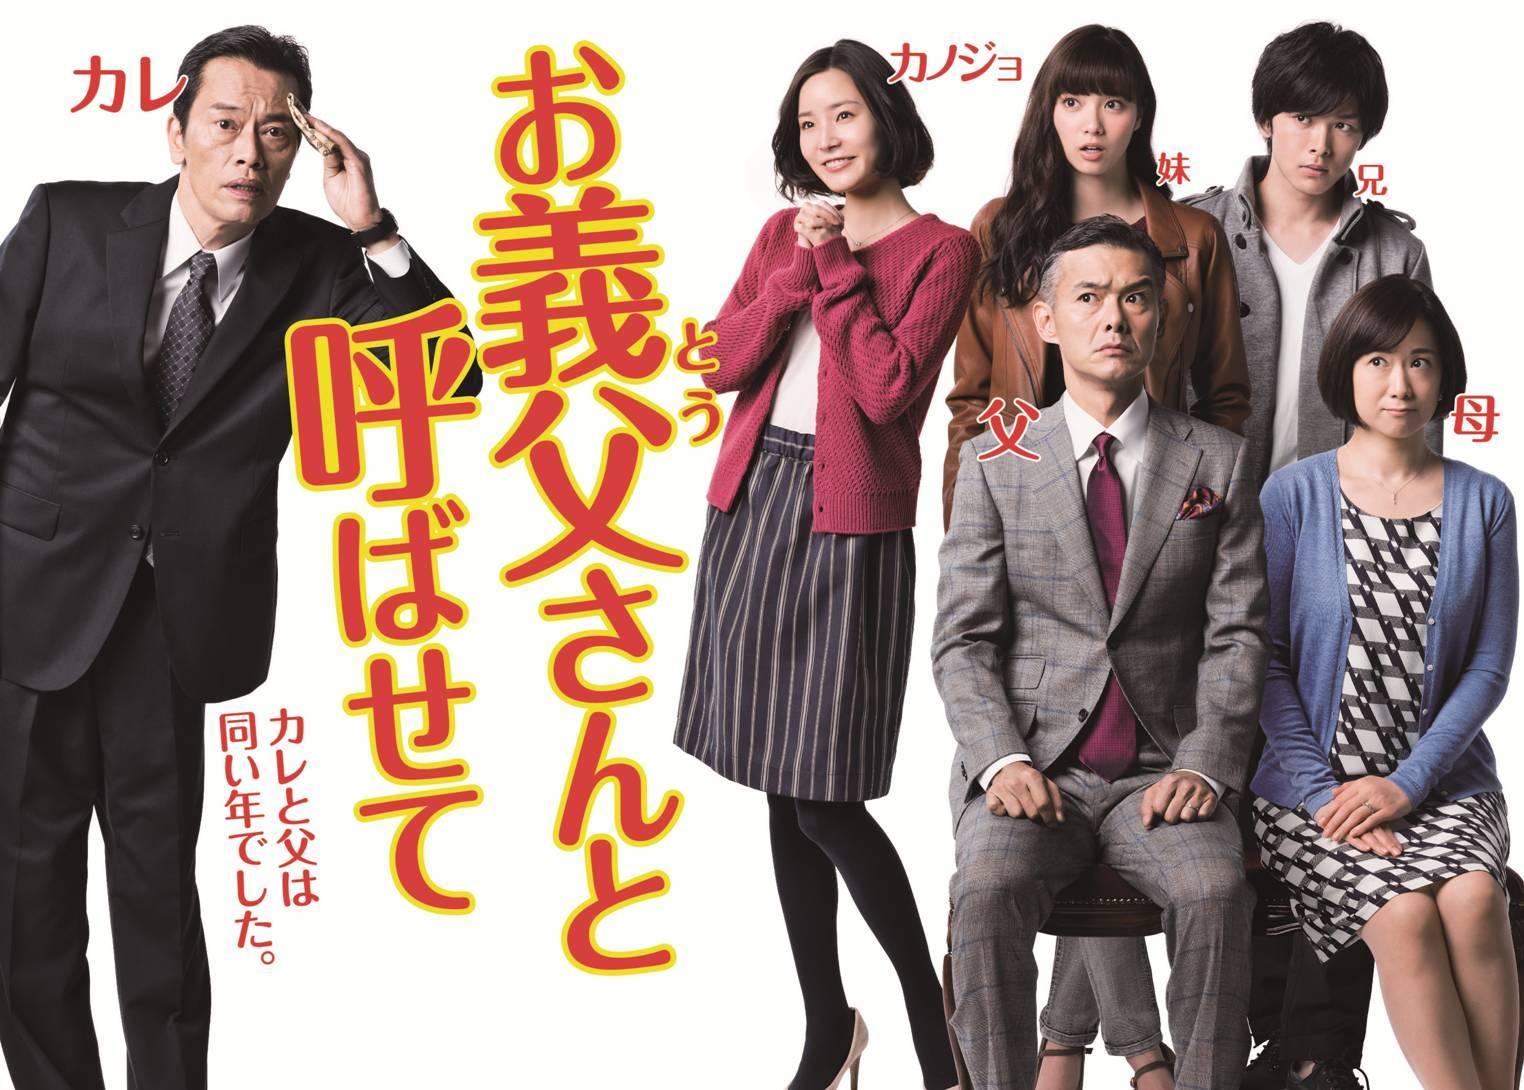 1月19日スタートの関西テレビ・フジテレビ系火曜夜10時ドラマ『お義父さんと呼ばせて』